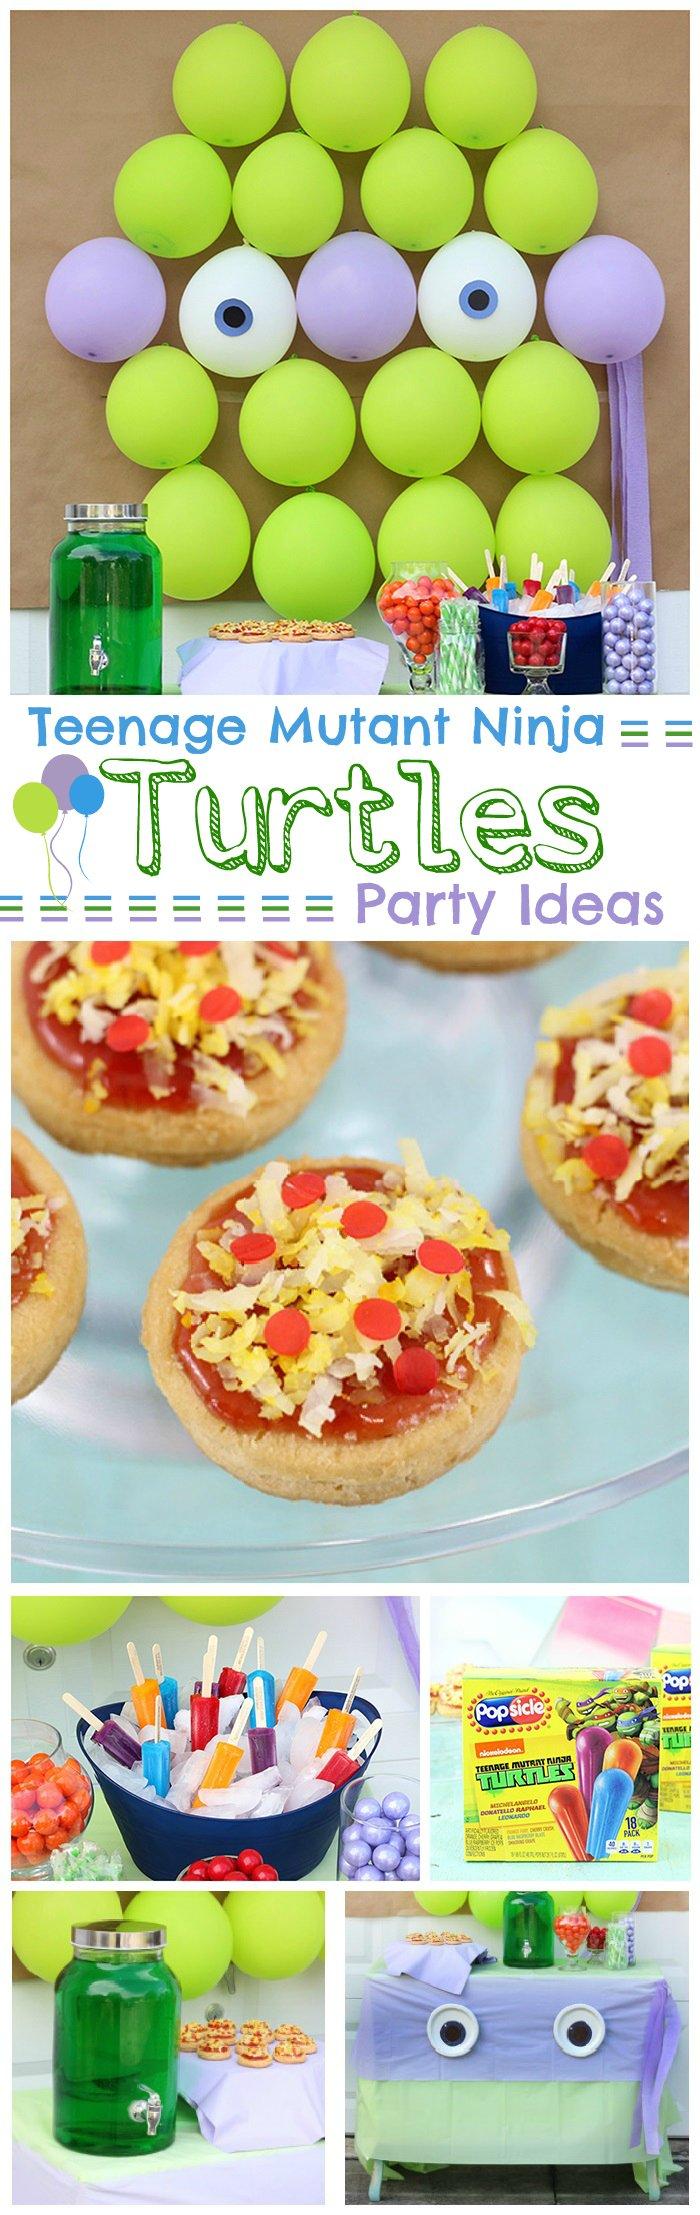 Teenage Mutant Ninja Turtles Party Ideas Galore TMNT Balloons Drinks Popsicles